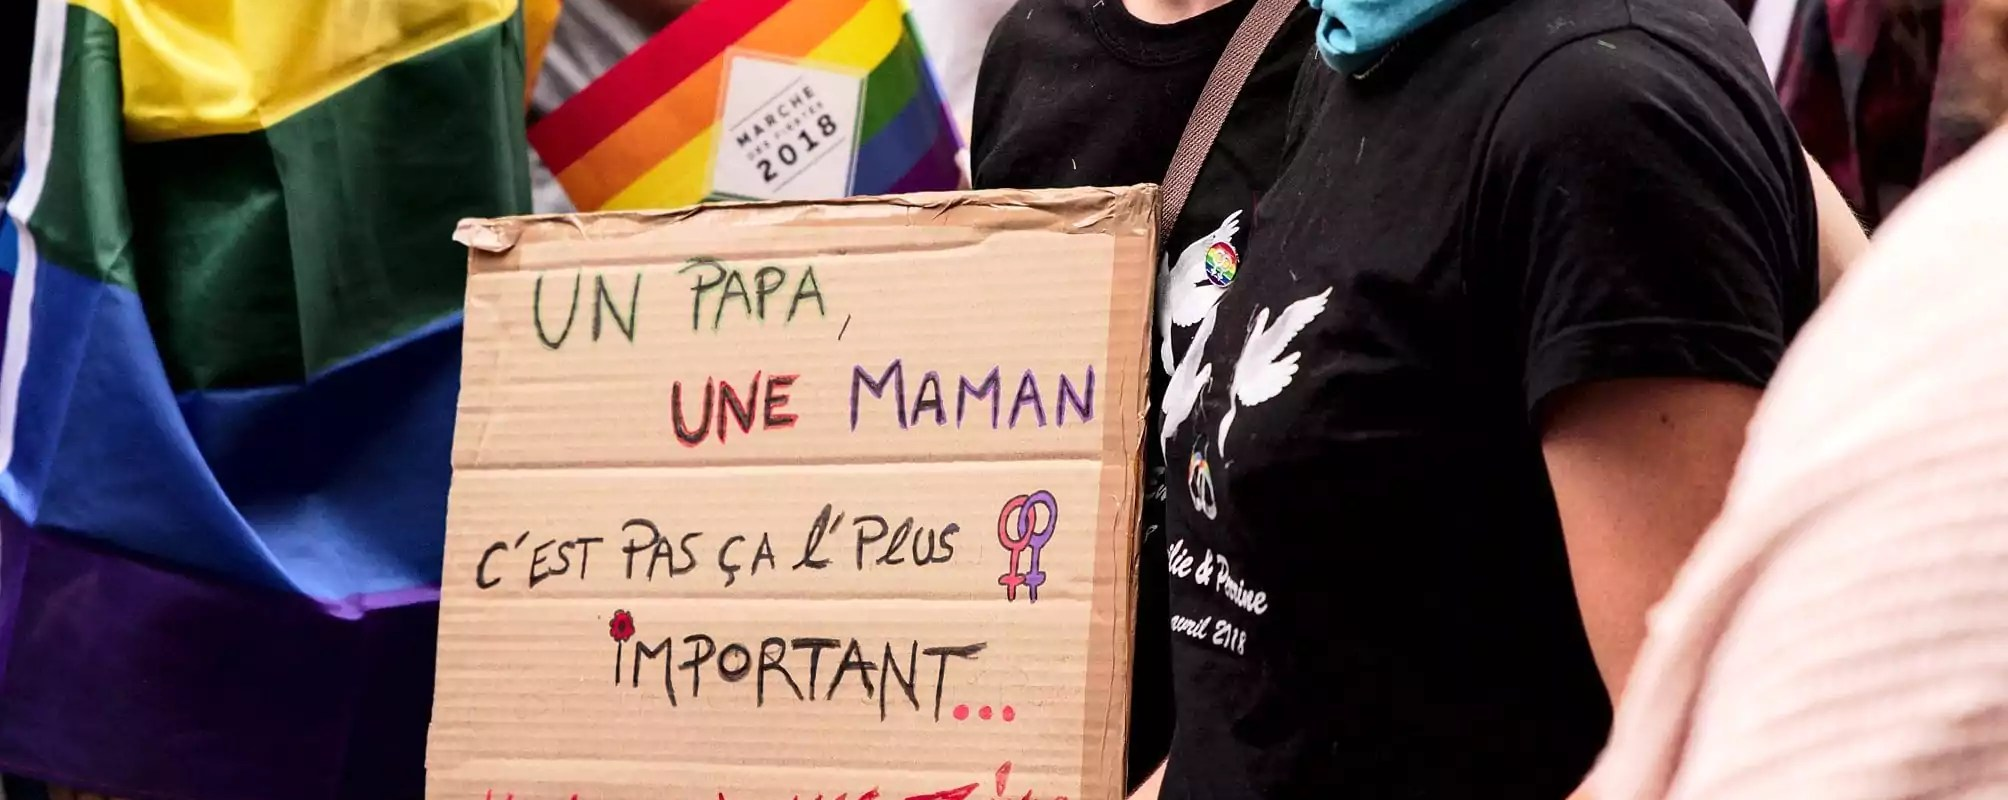 «Toute ta vie tourne autour de ça»: un couple de Strasbourgeoises raconte sa PMA en Belgique